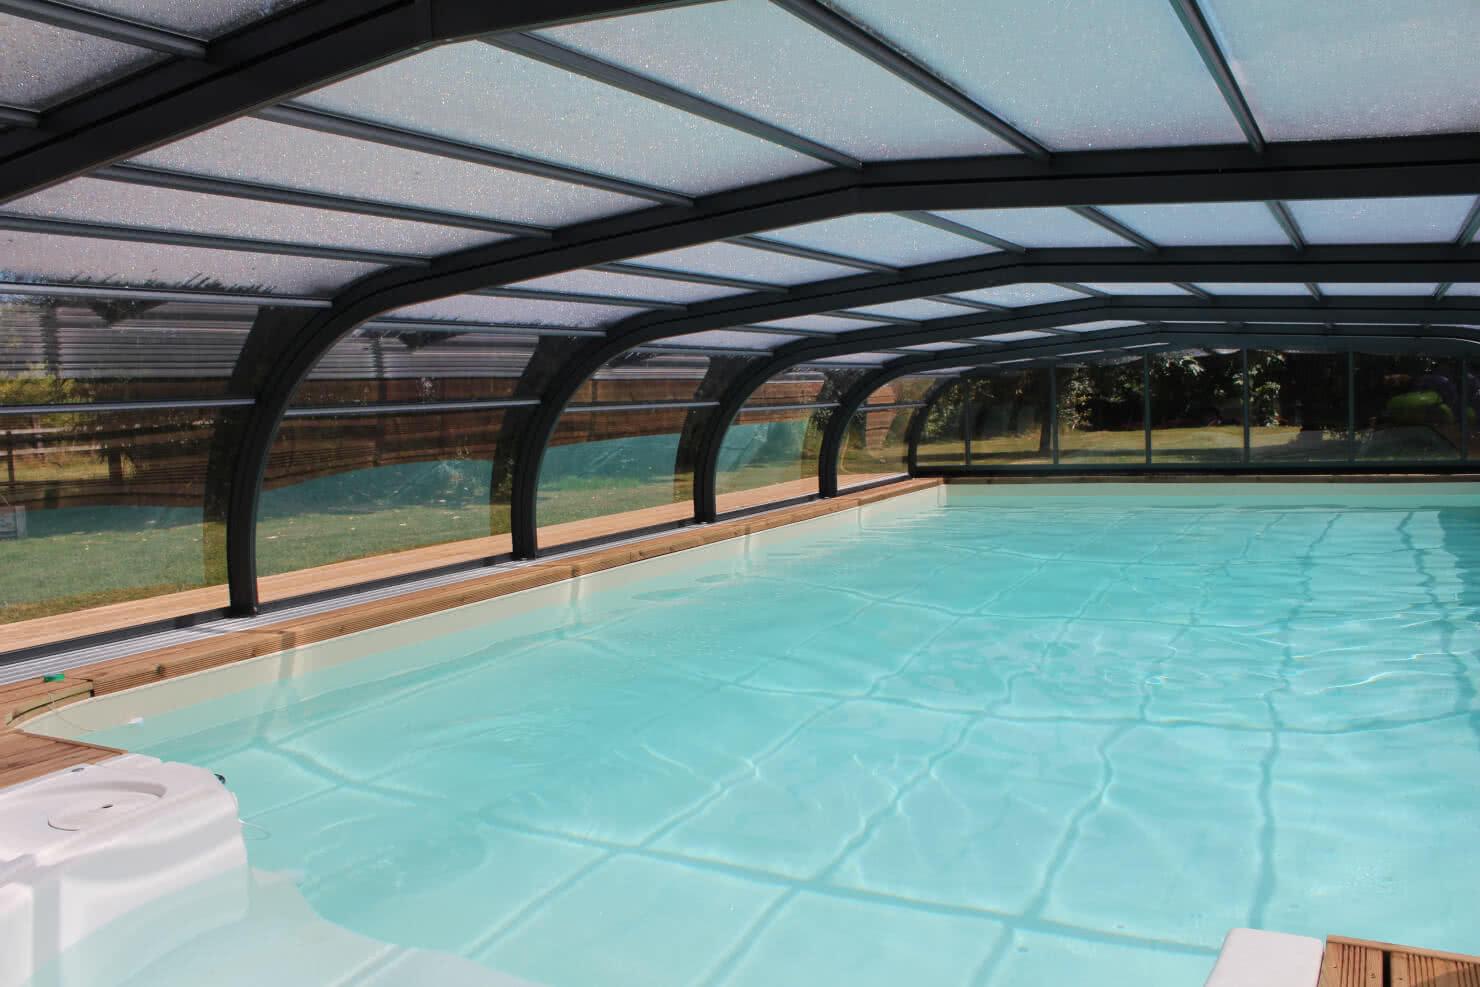 services de notre maison d 39 h tes la piscine les petits d jeuners. Black Bedroom Furniture Sets. Home Design Ideas